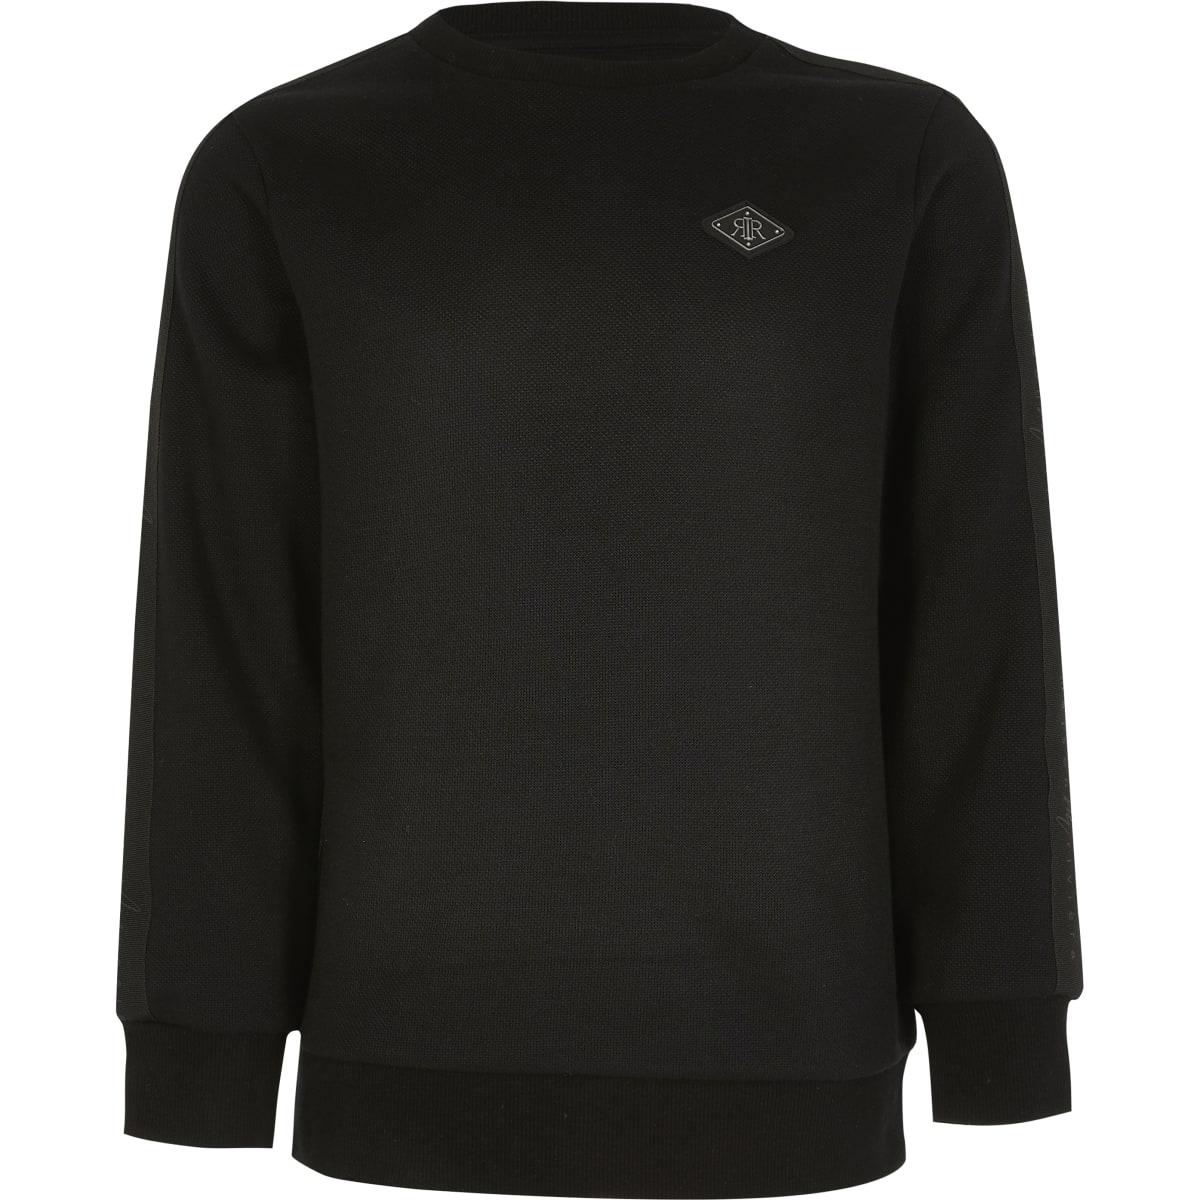 Zwarte sweater met piqué bies voor jongens